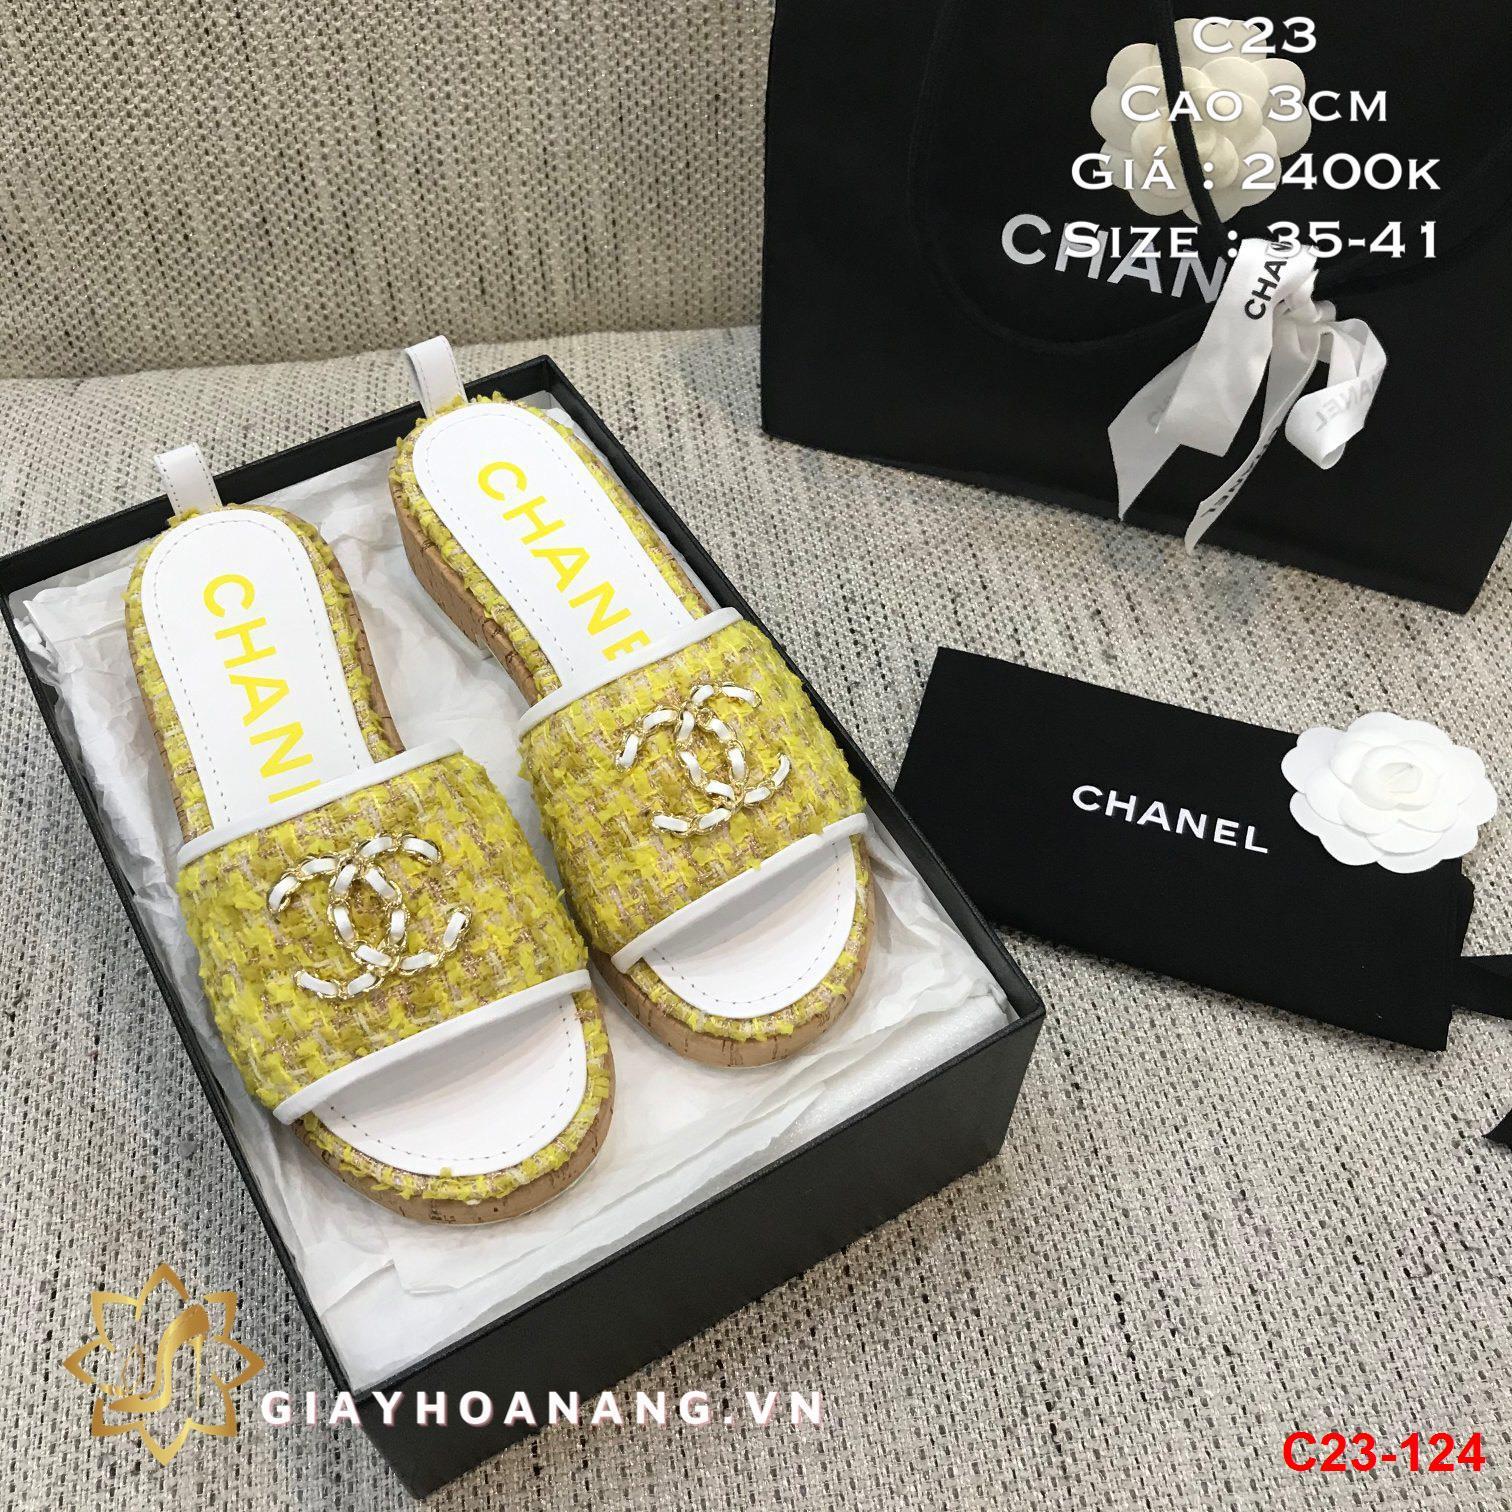 C23-124 Chanel dép cao 3cm siêu cấp